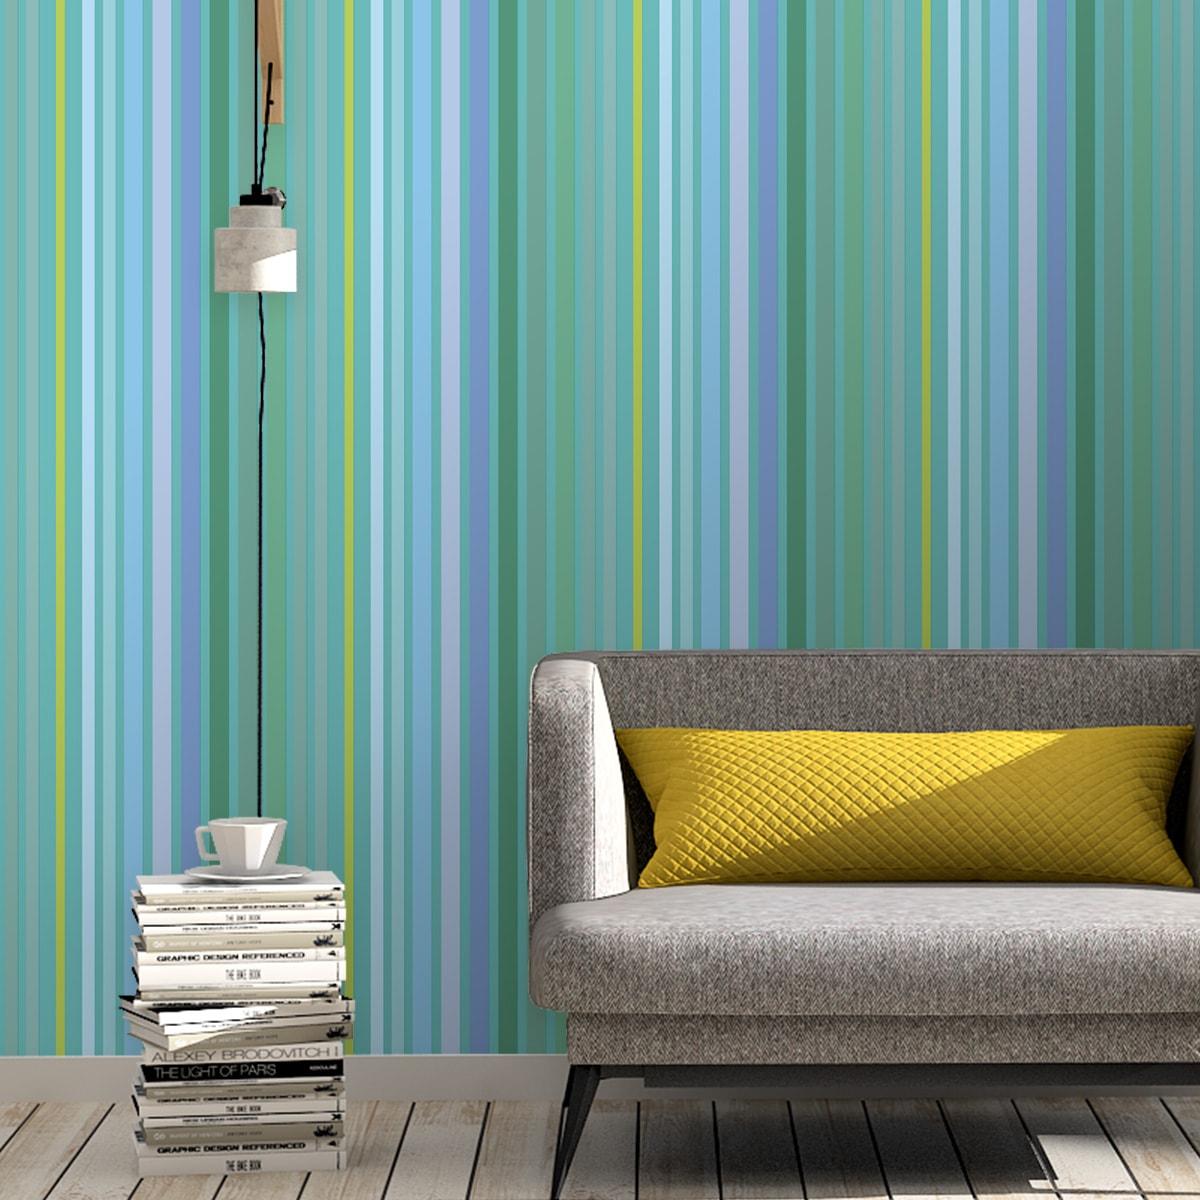 Moderne Classic Tapete dekorativer Streifen in aus der Tapeten Design Familie: 00179 als Naturaltouch Luxus Vliestapete oder Basic Vliestapete